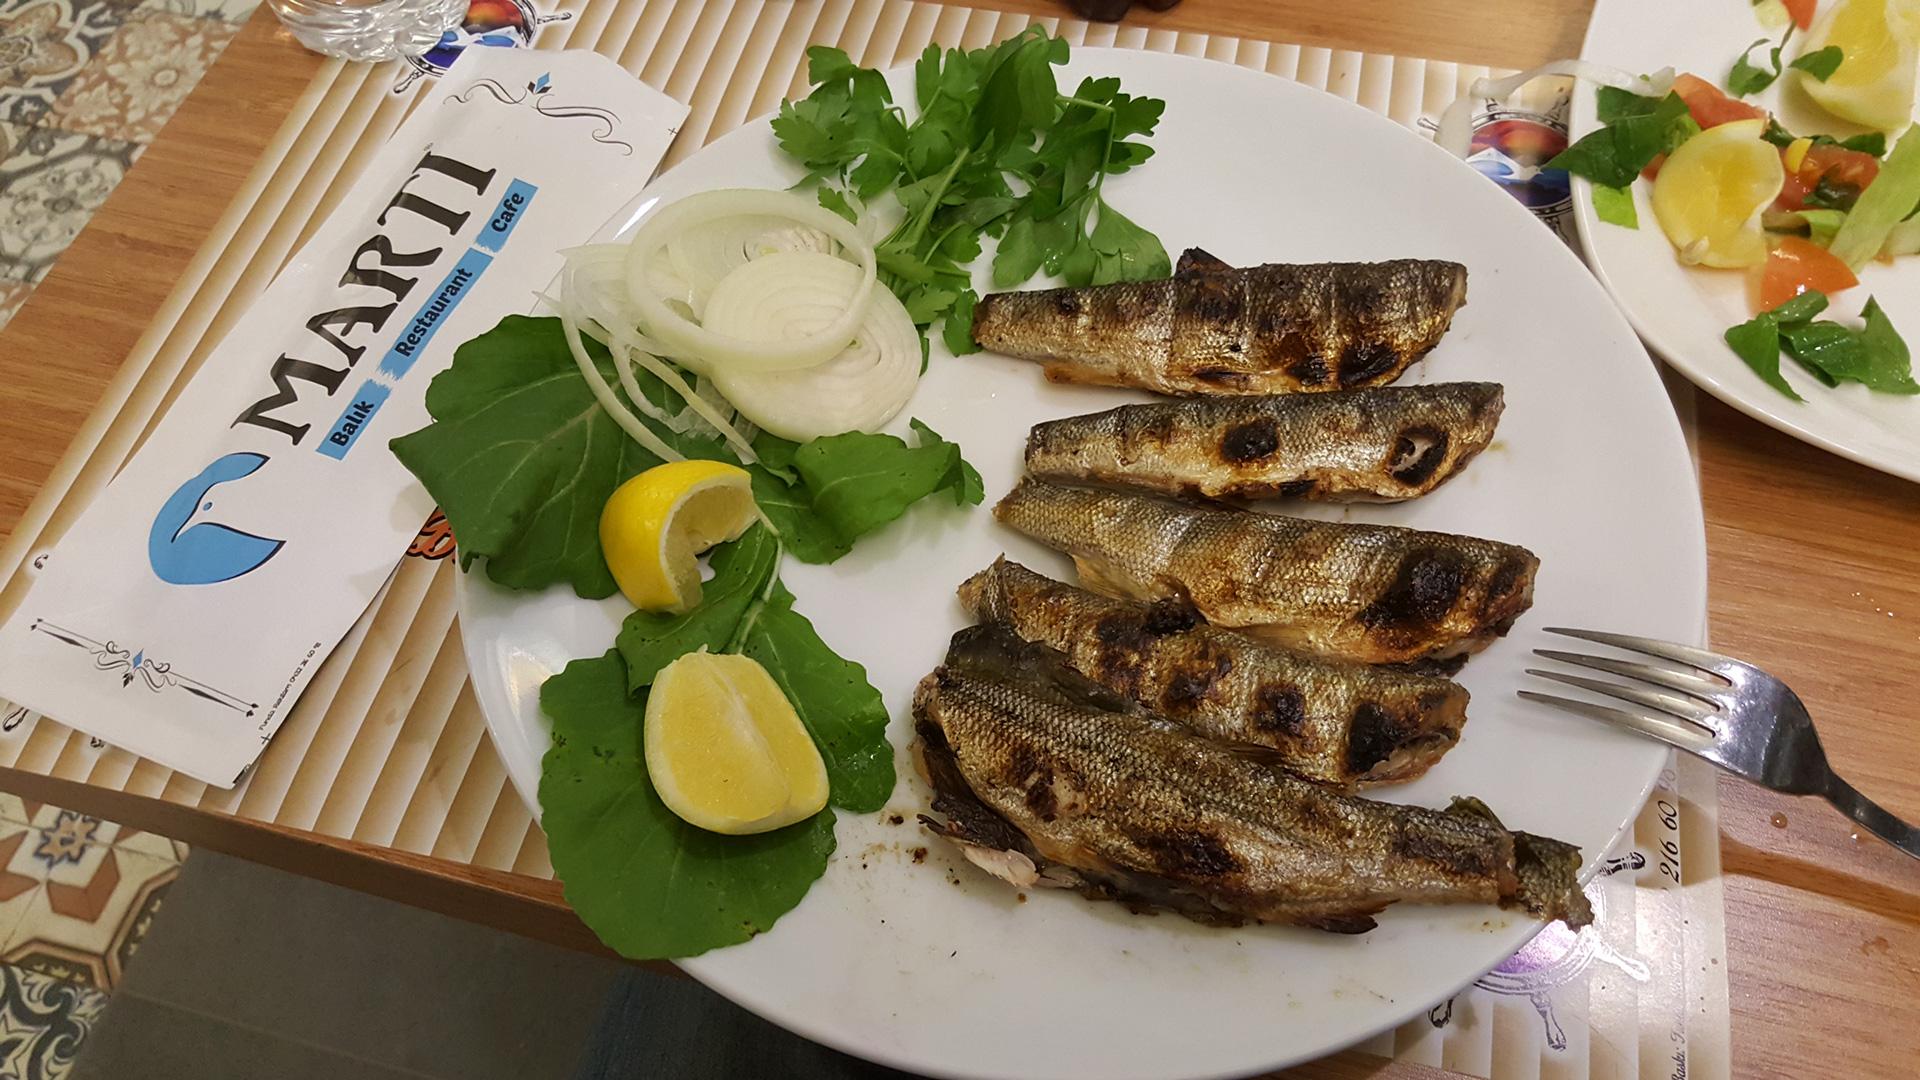 Жемчужная кефаль (İnci Kefali): уникальная рыба из озера Ван